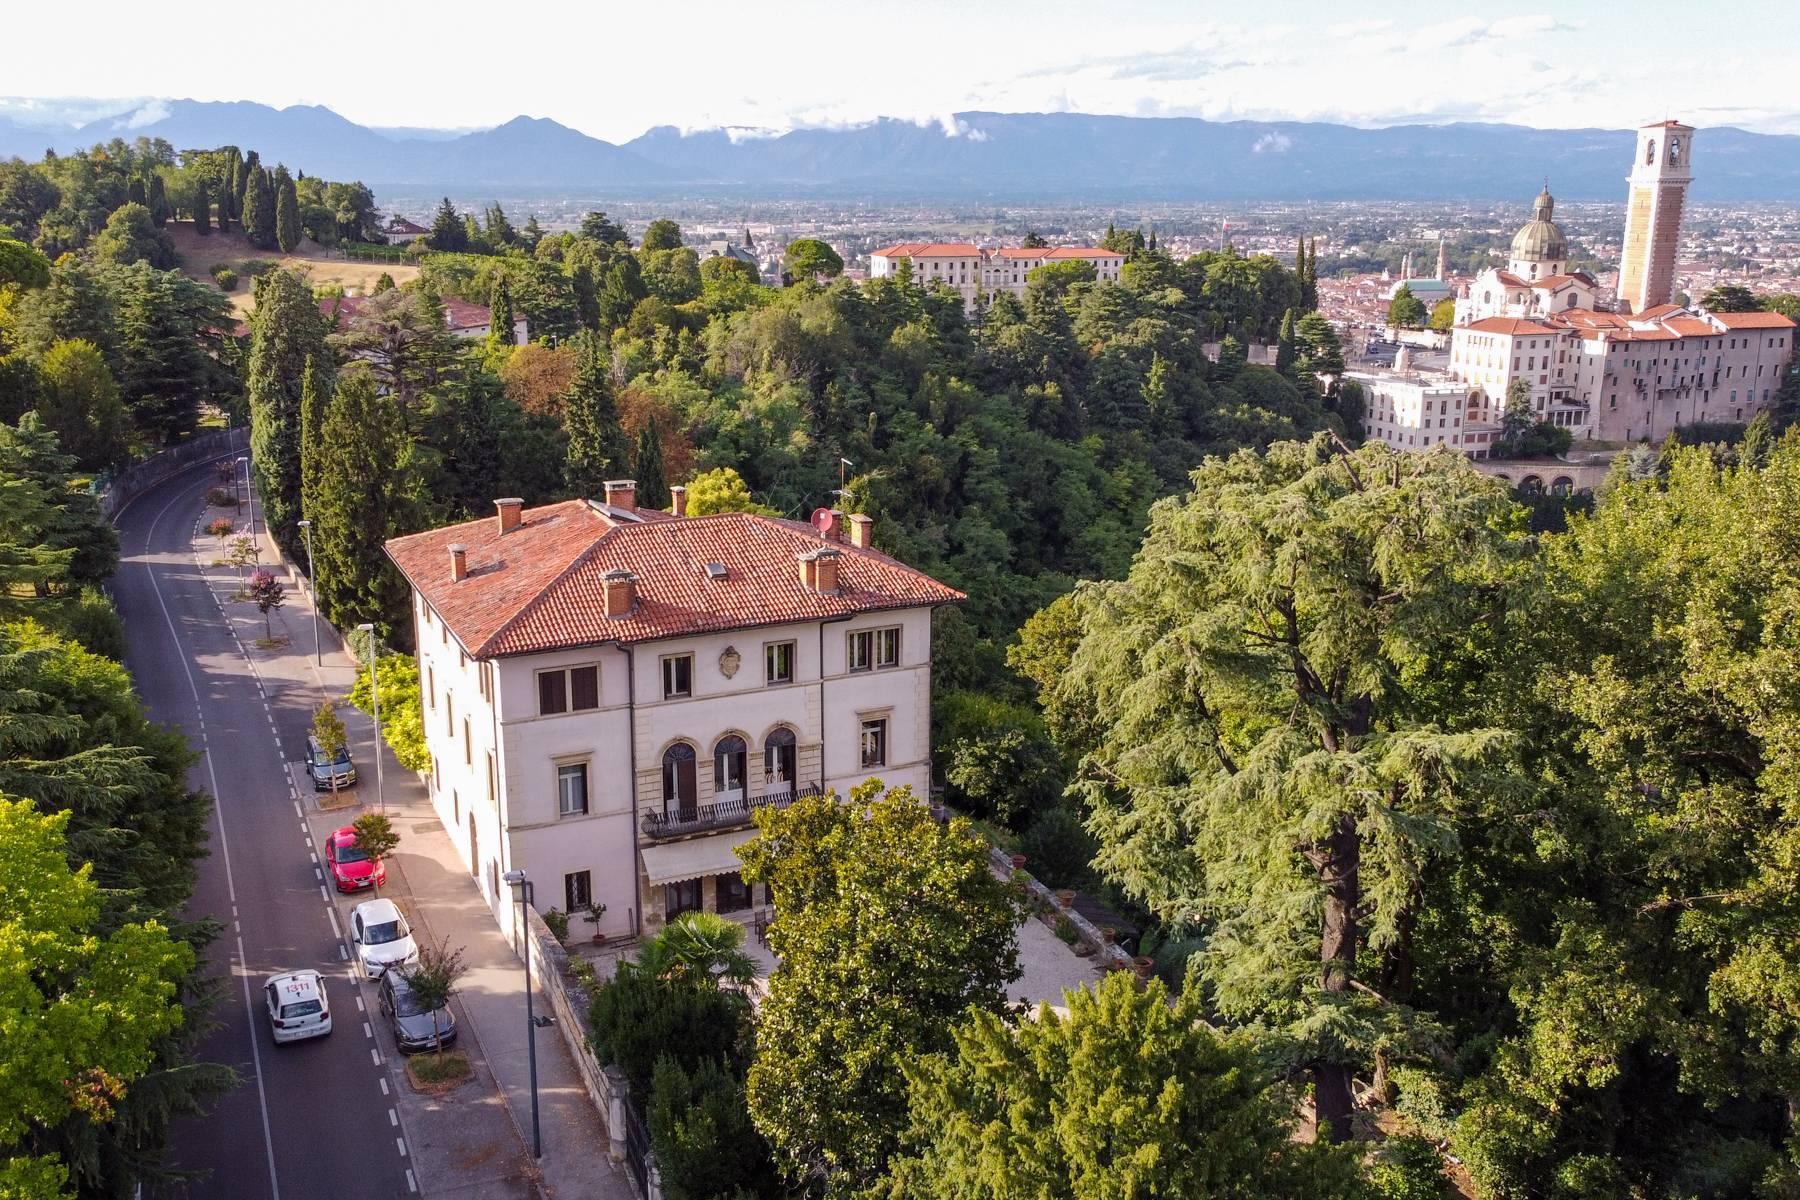 Elegante villa storica con parco privato sulla sommità del Monte Berico - 31